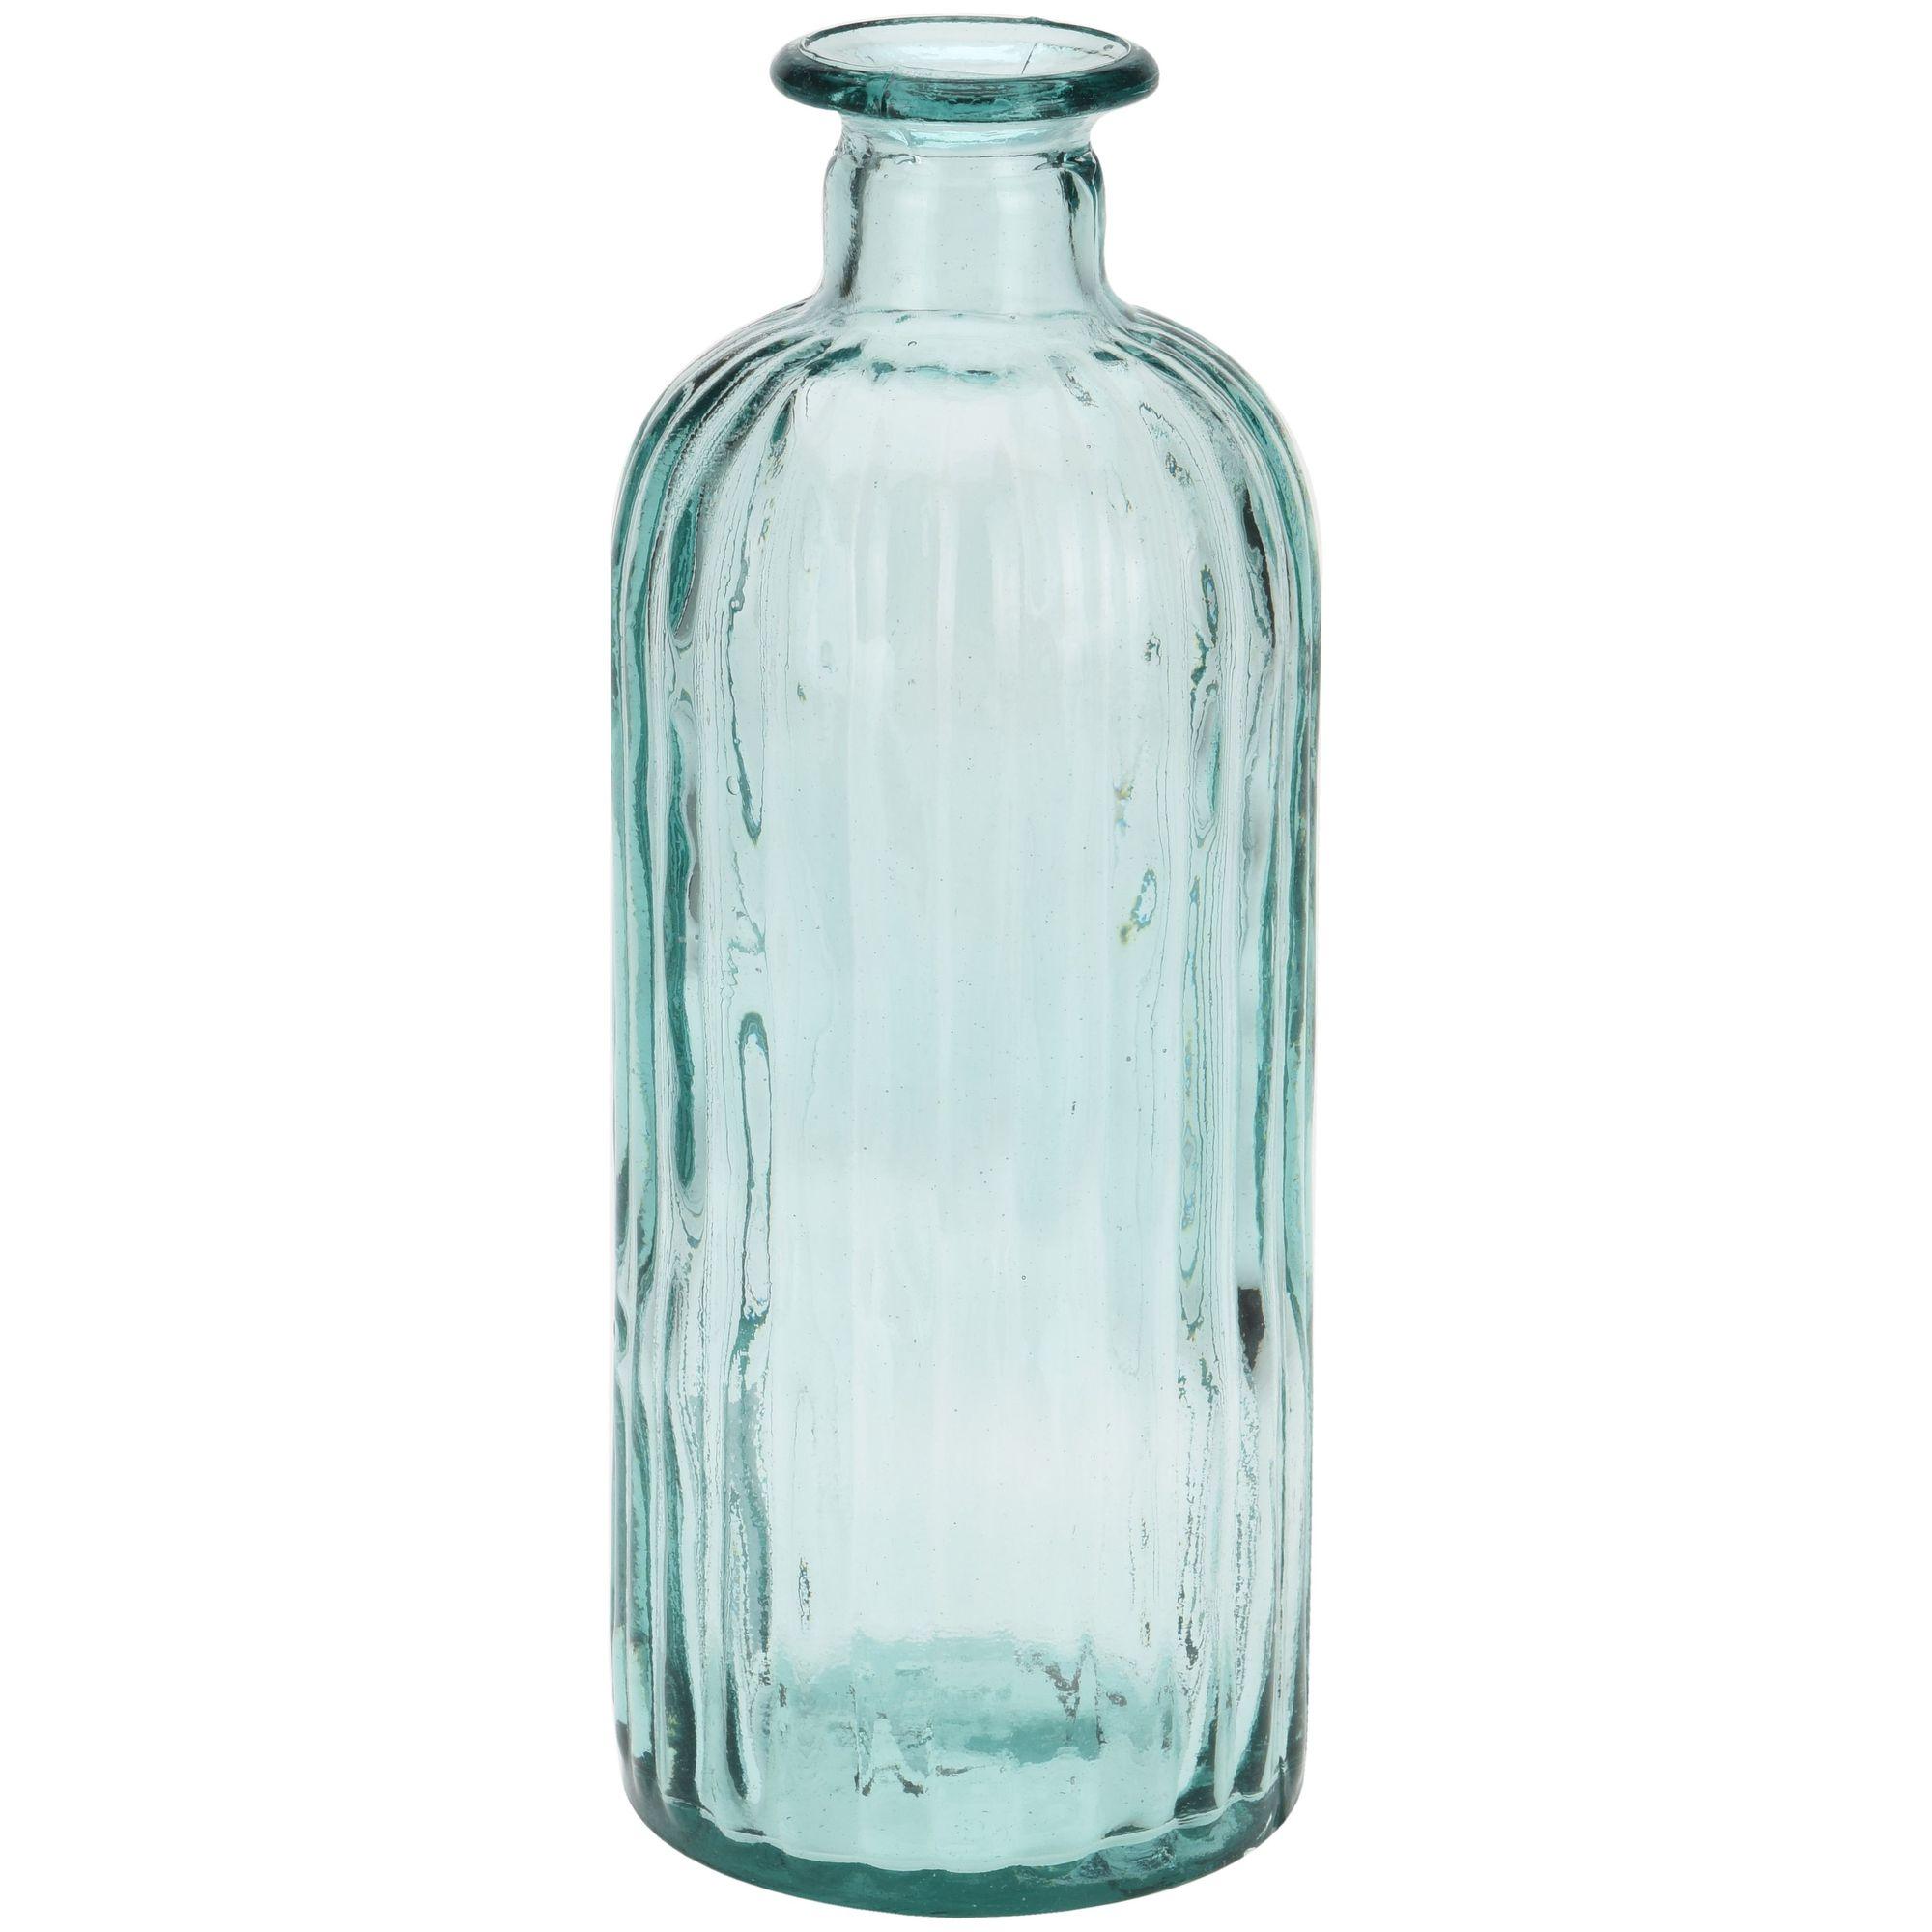 ВазаВаза h28 см Бутылка «стекло» сделает интерьер помещения интересным и оригинальным. Форма изделия – вытянутая в высоту бутылка с узким горлышком. Края вазы гладкие, несмотря на использование стекла они не дадут возможности пораниться. Модель полностью прозрачная, поэтому стебли поставленных цветов будут видны. Габариты декоративной вазы оптимальны для настольного варианта. Модель не выглядит хрупкой, в ее хорошей устойчивости на плоскости не приходится сомневаться. Ваза бренда Экселент Хаусвейр сделана качественно, простой с виду дизайн будет смотреться уместно наряду с другими предметами мебели. Любая хозяйка захочет получить такой подарок, чтобы пополнить коллекцию оригинально оформленной вазой.<br>